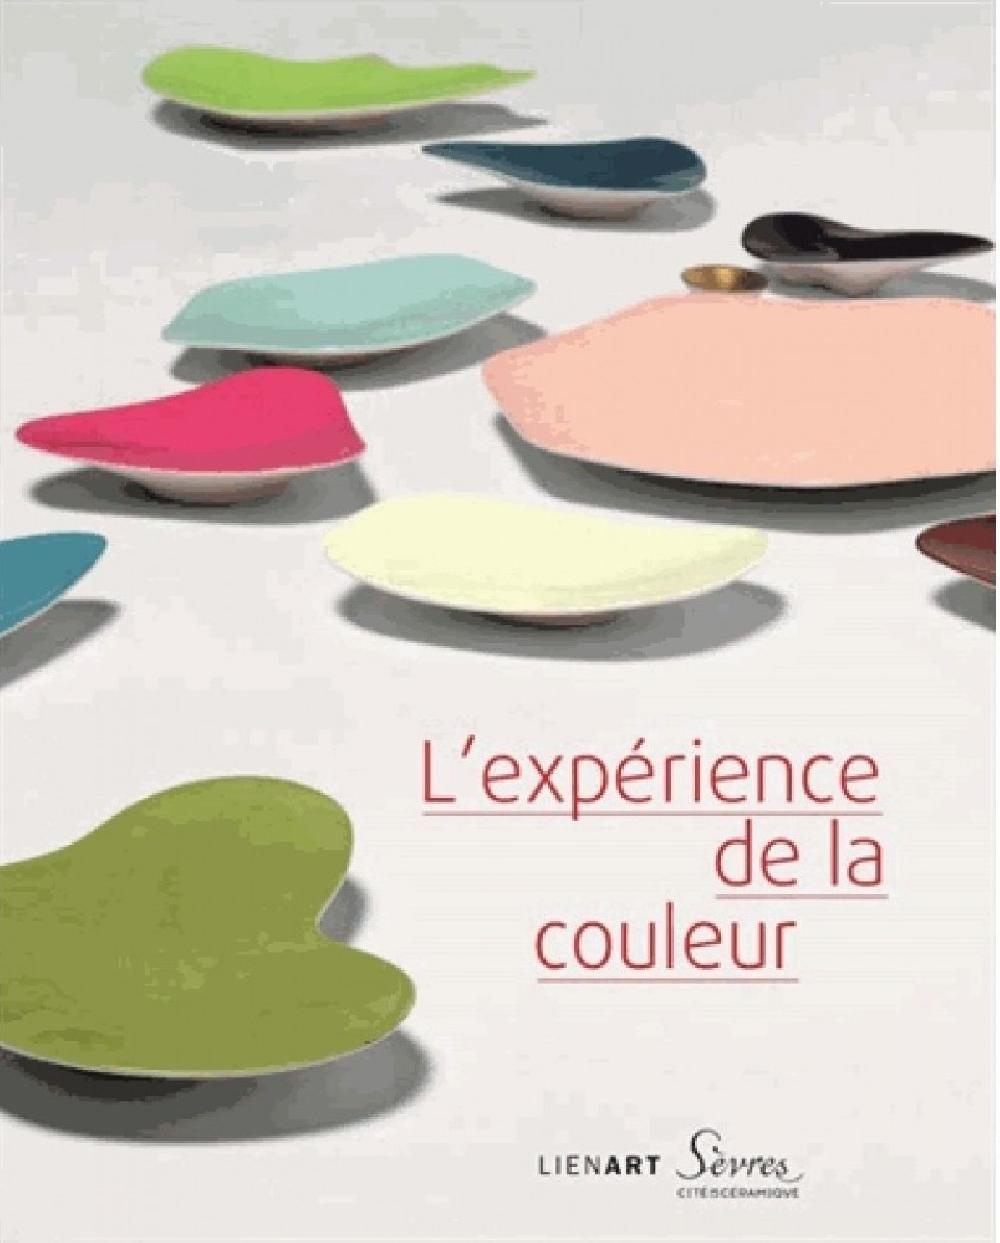 L'expérience de la couleur